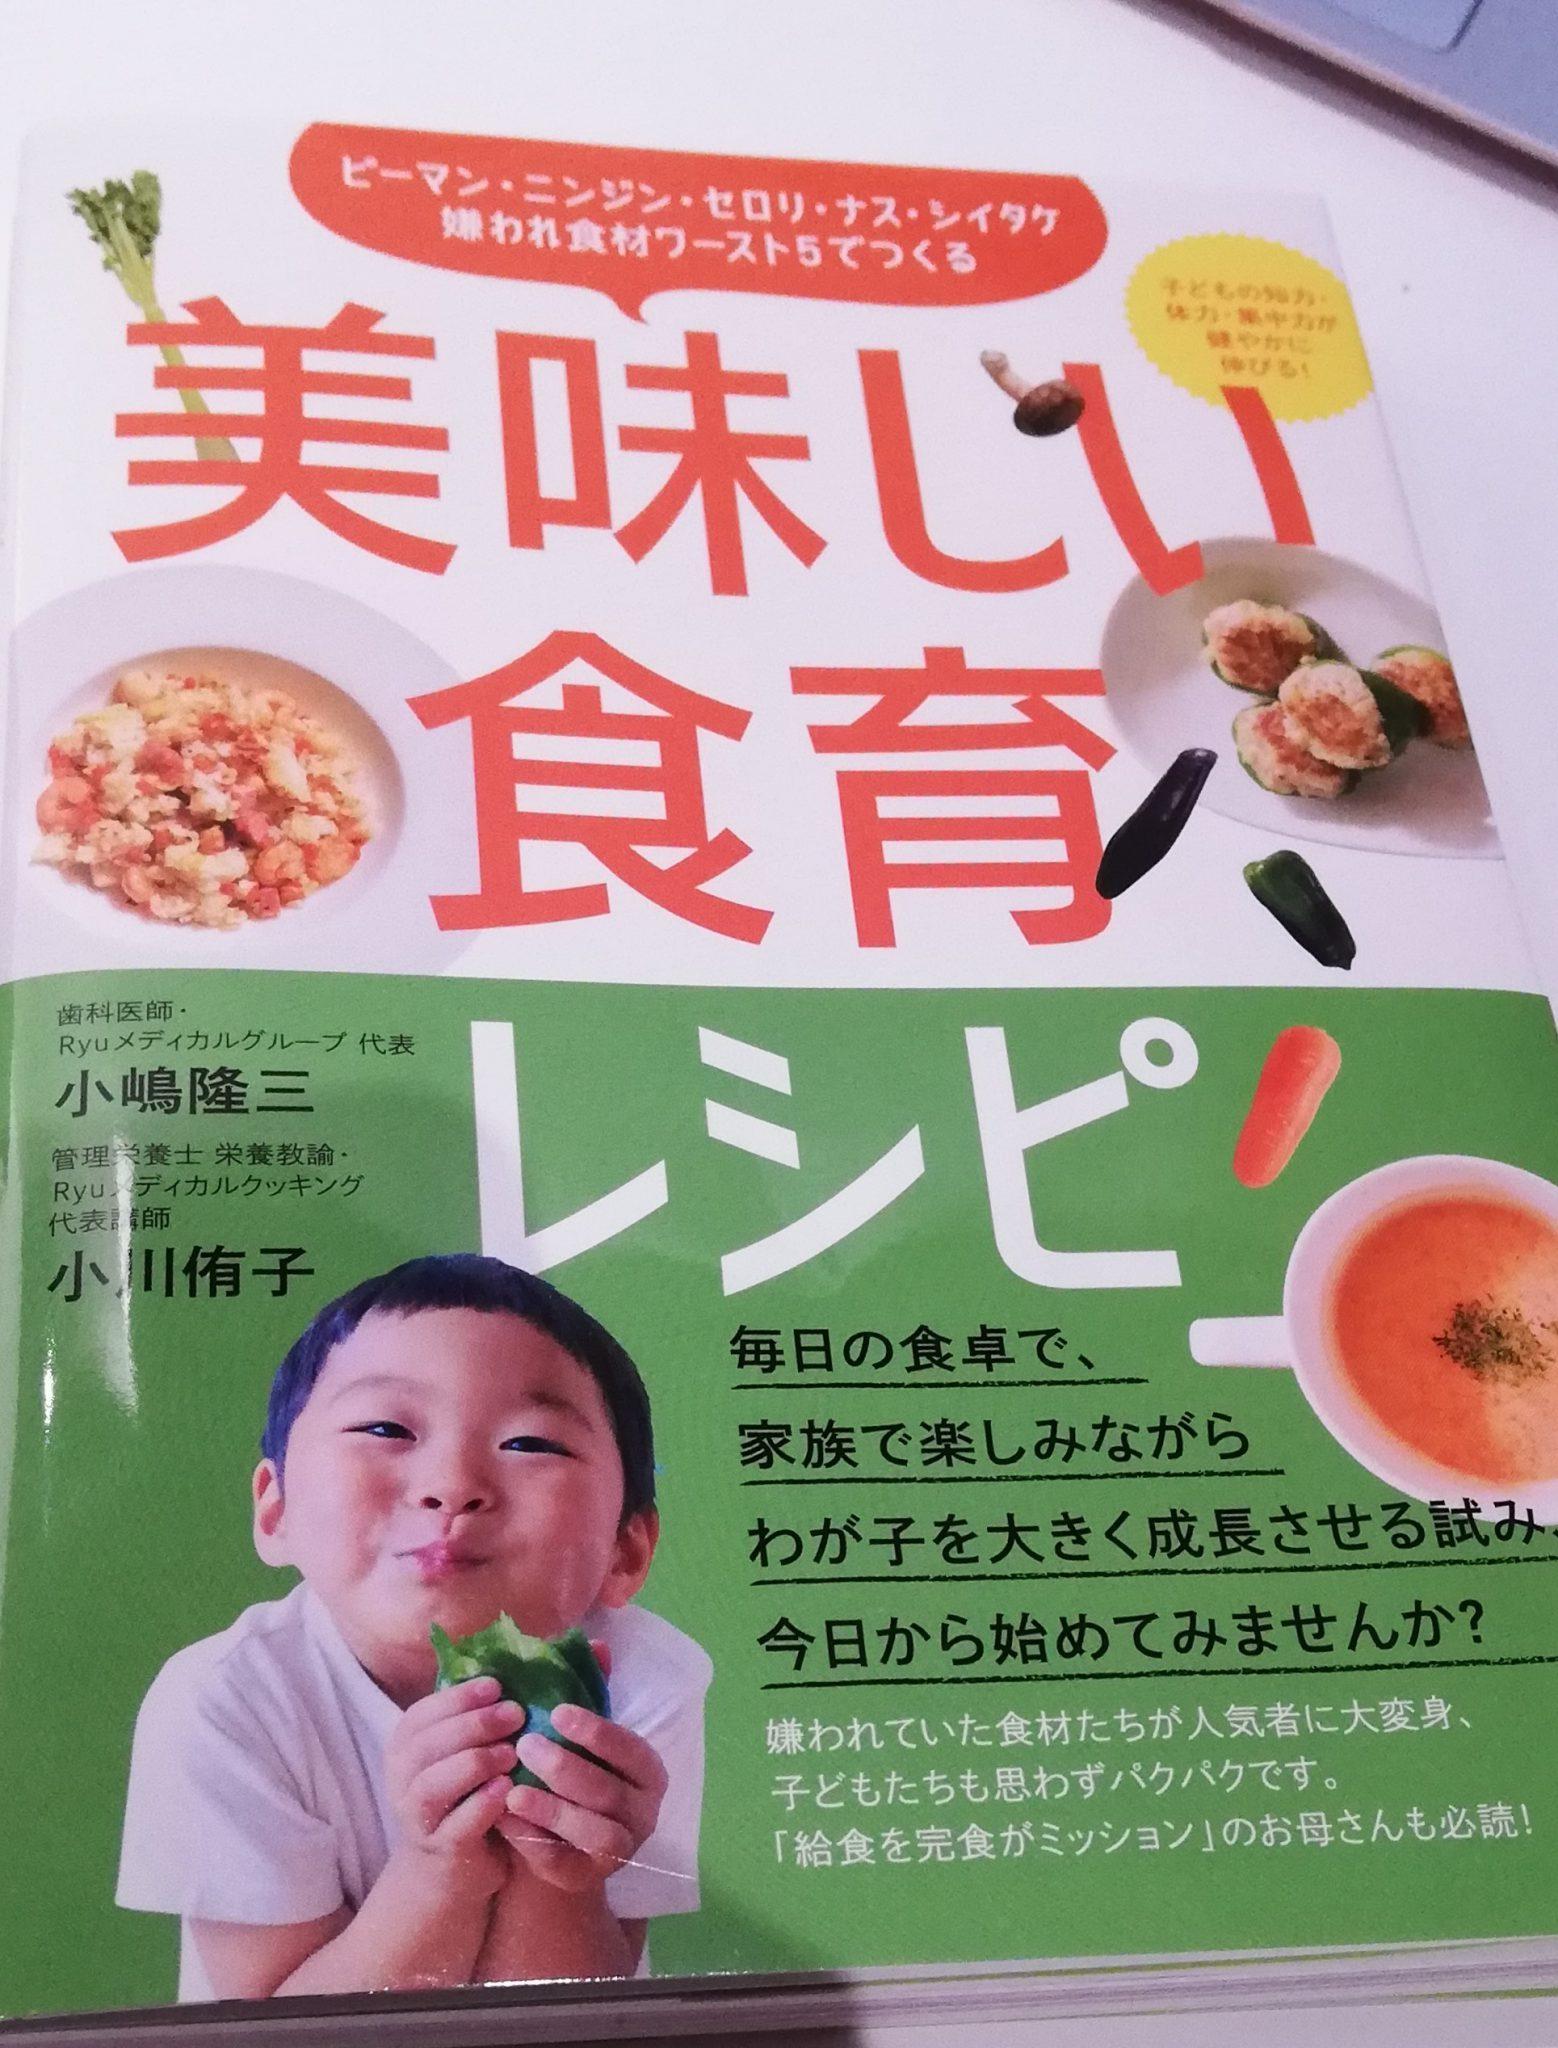 メディシェフ×食育のレシピ本ができました